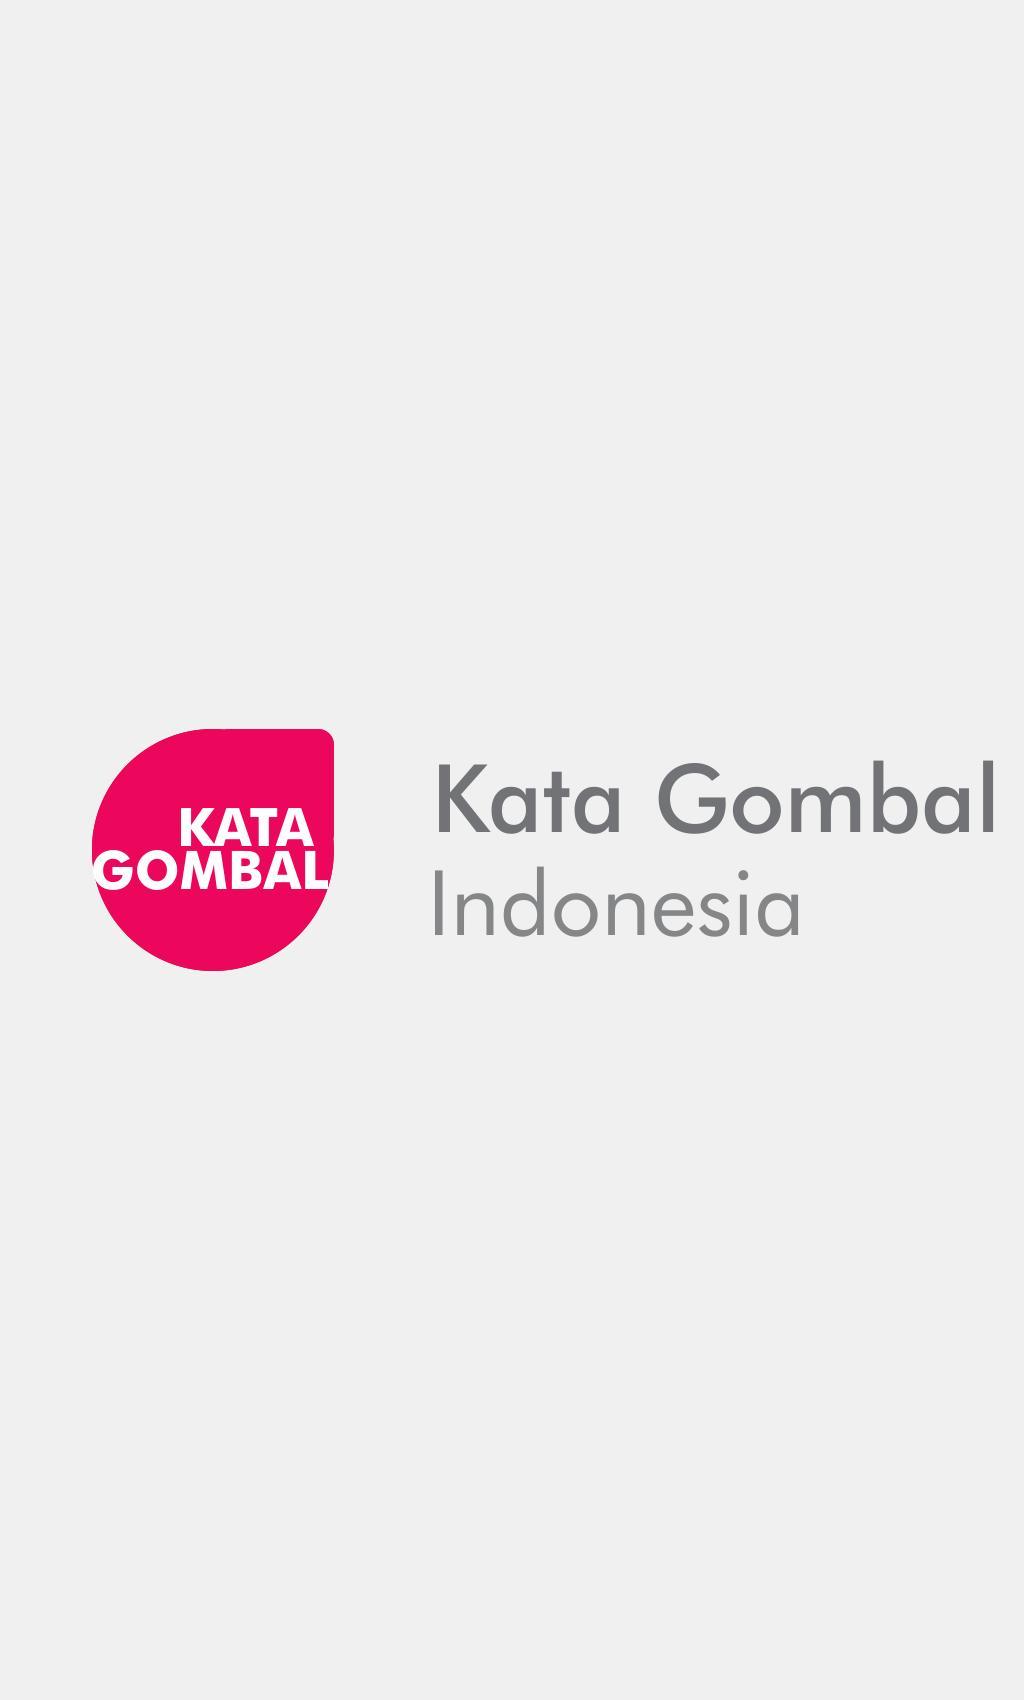 Kata Gombal Bikin Baper Pacar 2019 for Android APK Download